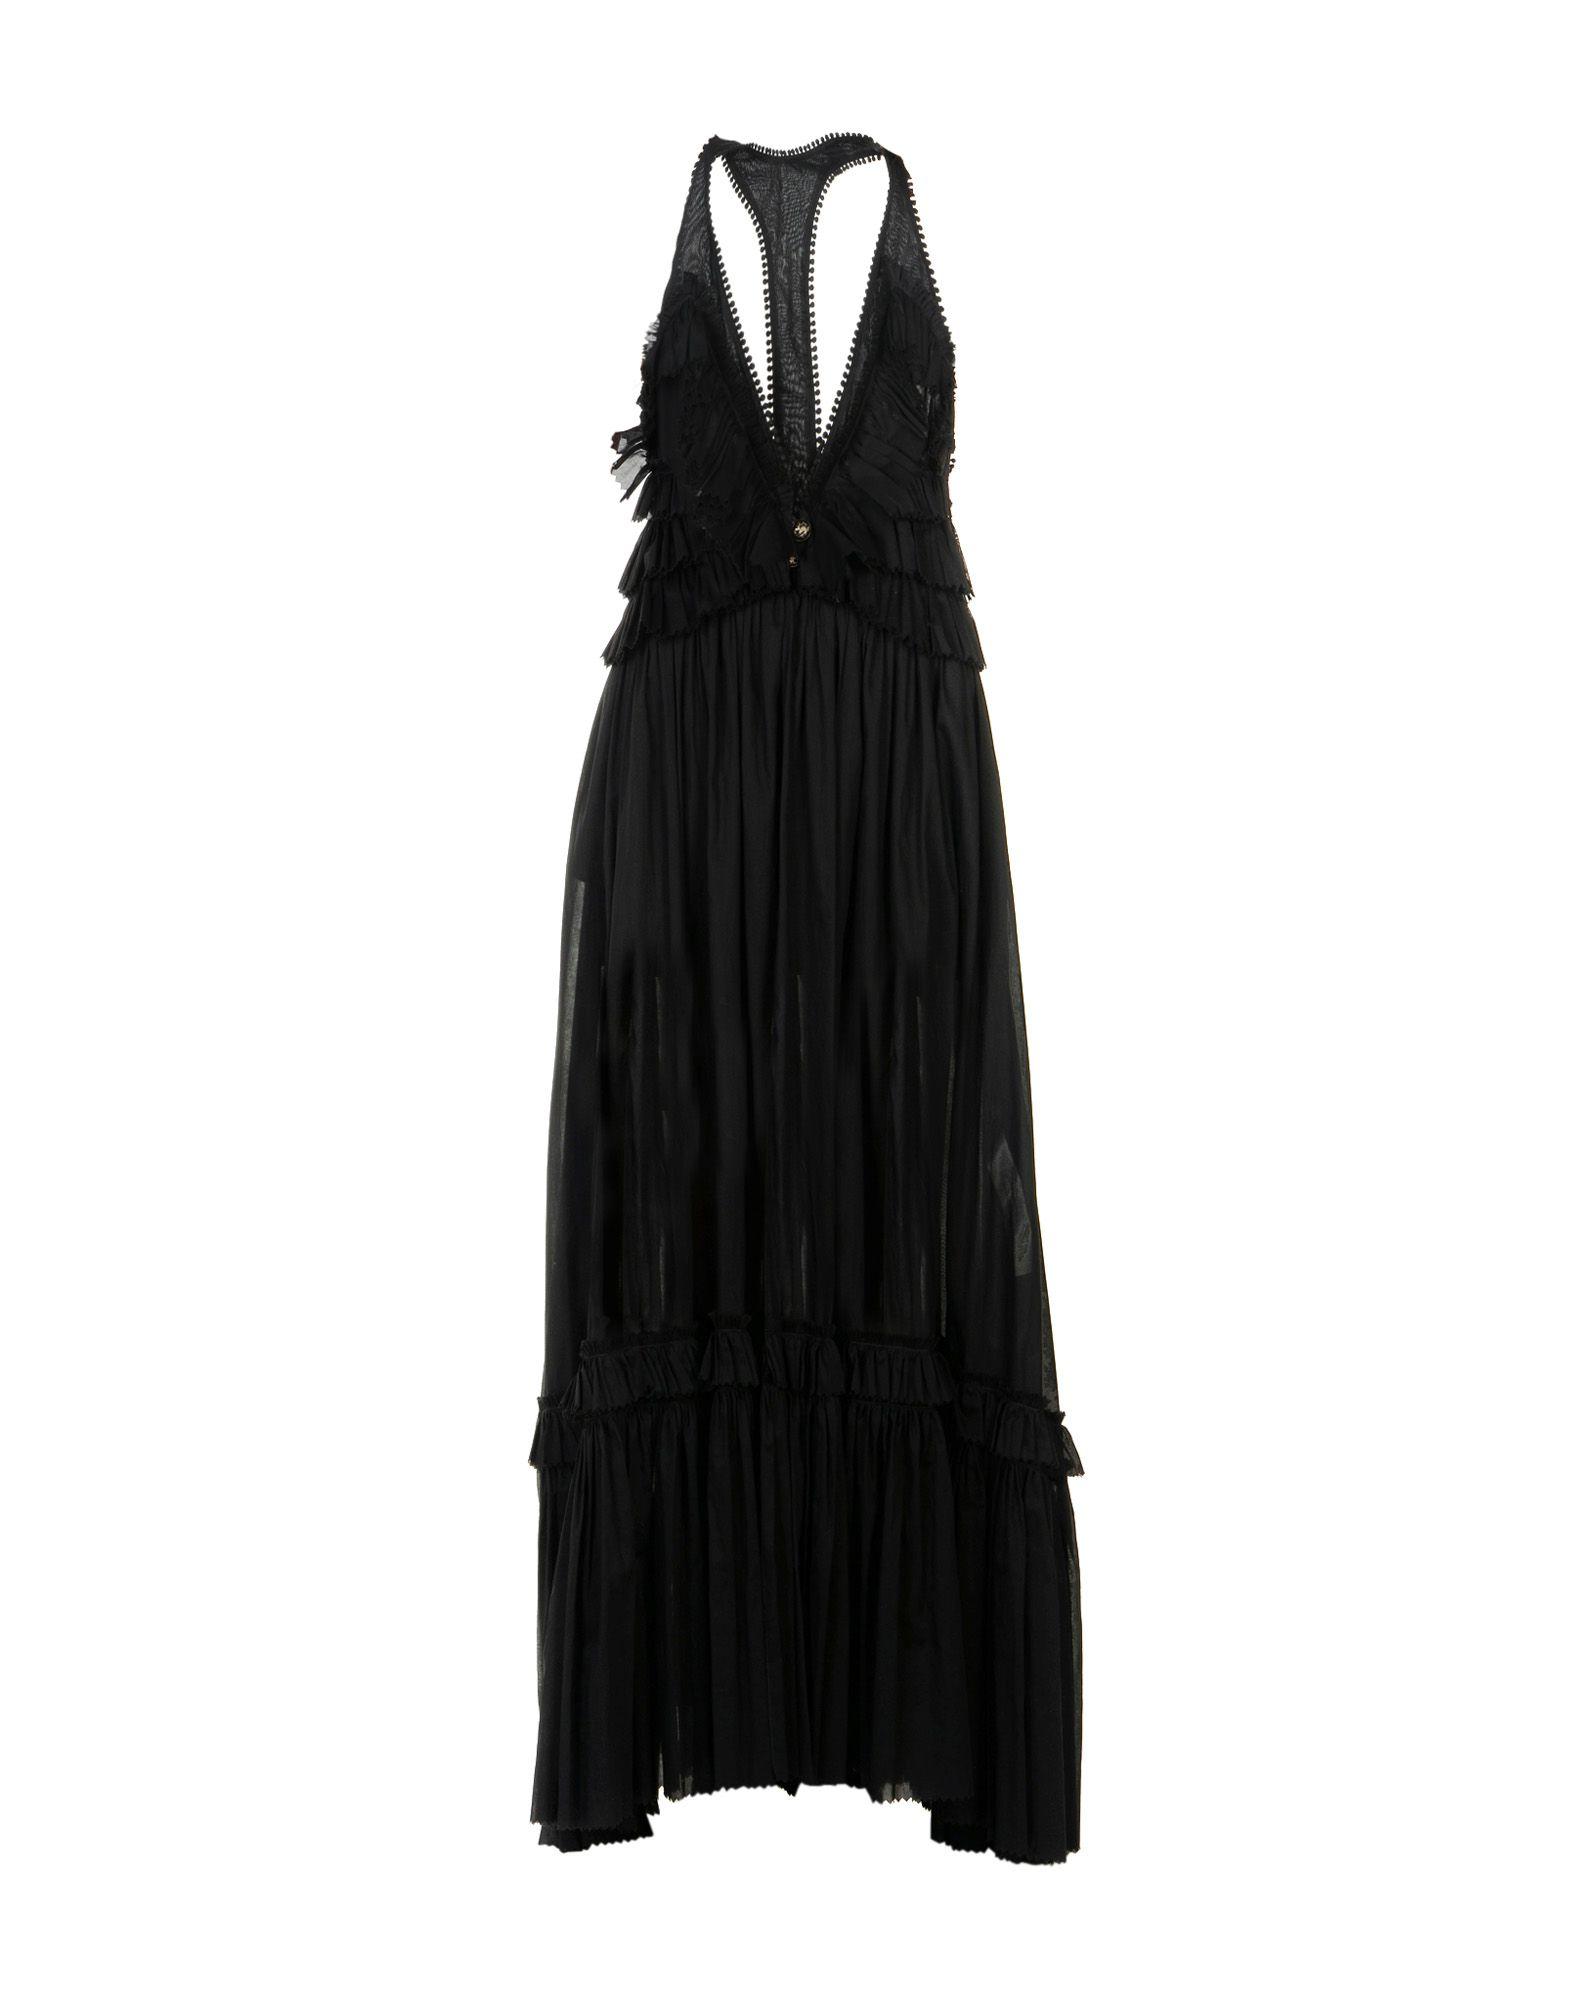 ROBERTO CAVALLI Длинное платье купить больное платье в стиле 18 19 века наташа ростова